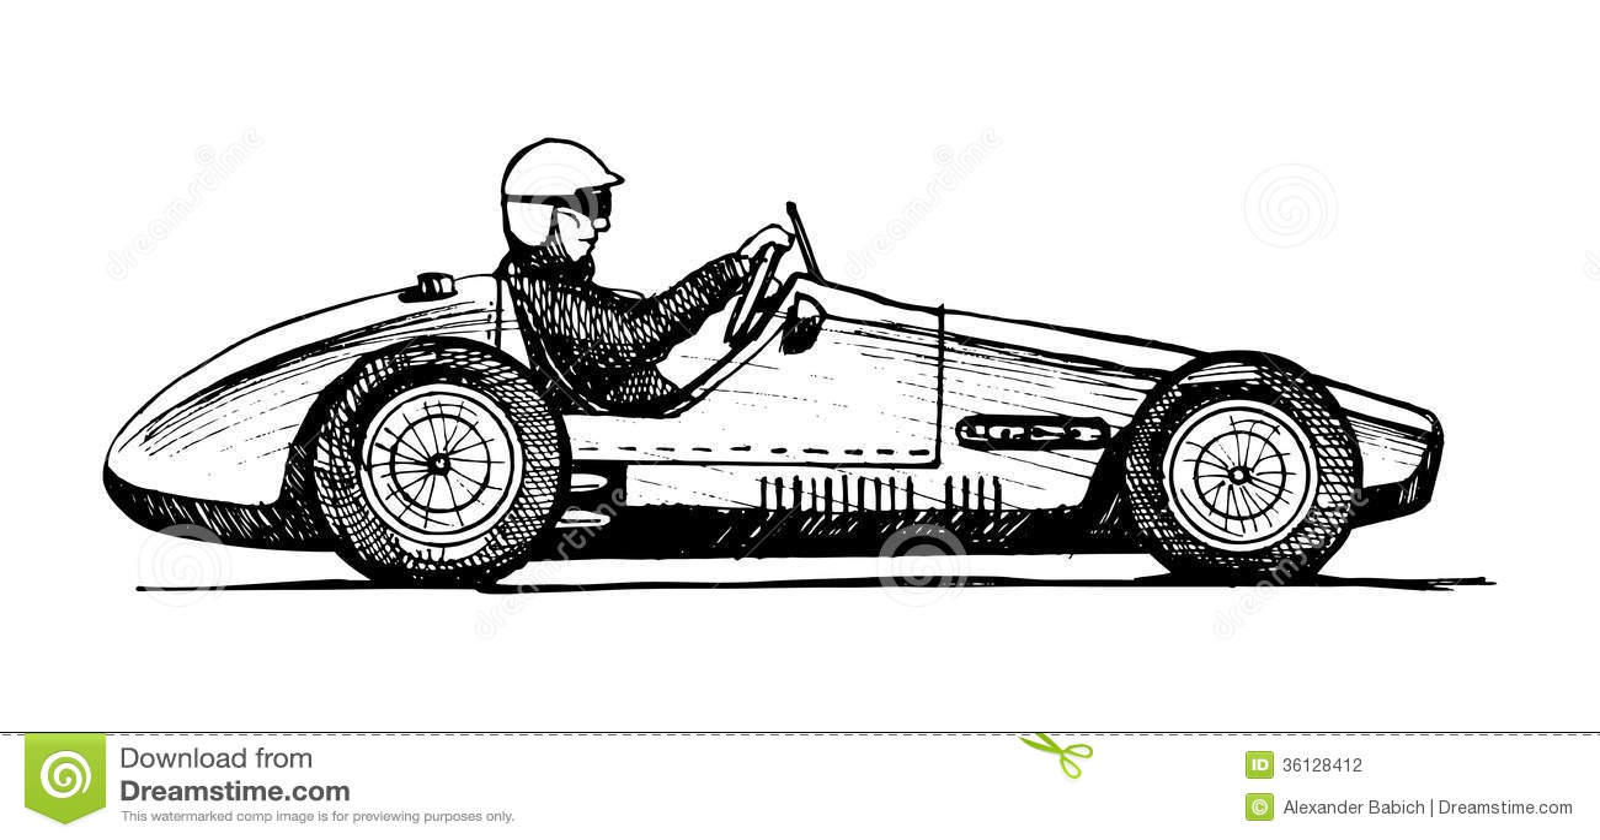 vieille voiture de sport photographie stock image 36128412. Black Bedroom Furniture Sets. Home Design Ideas